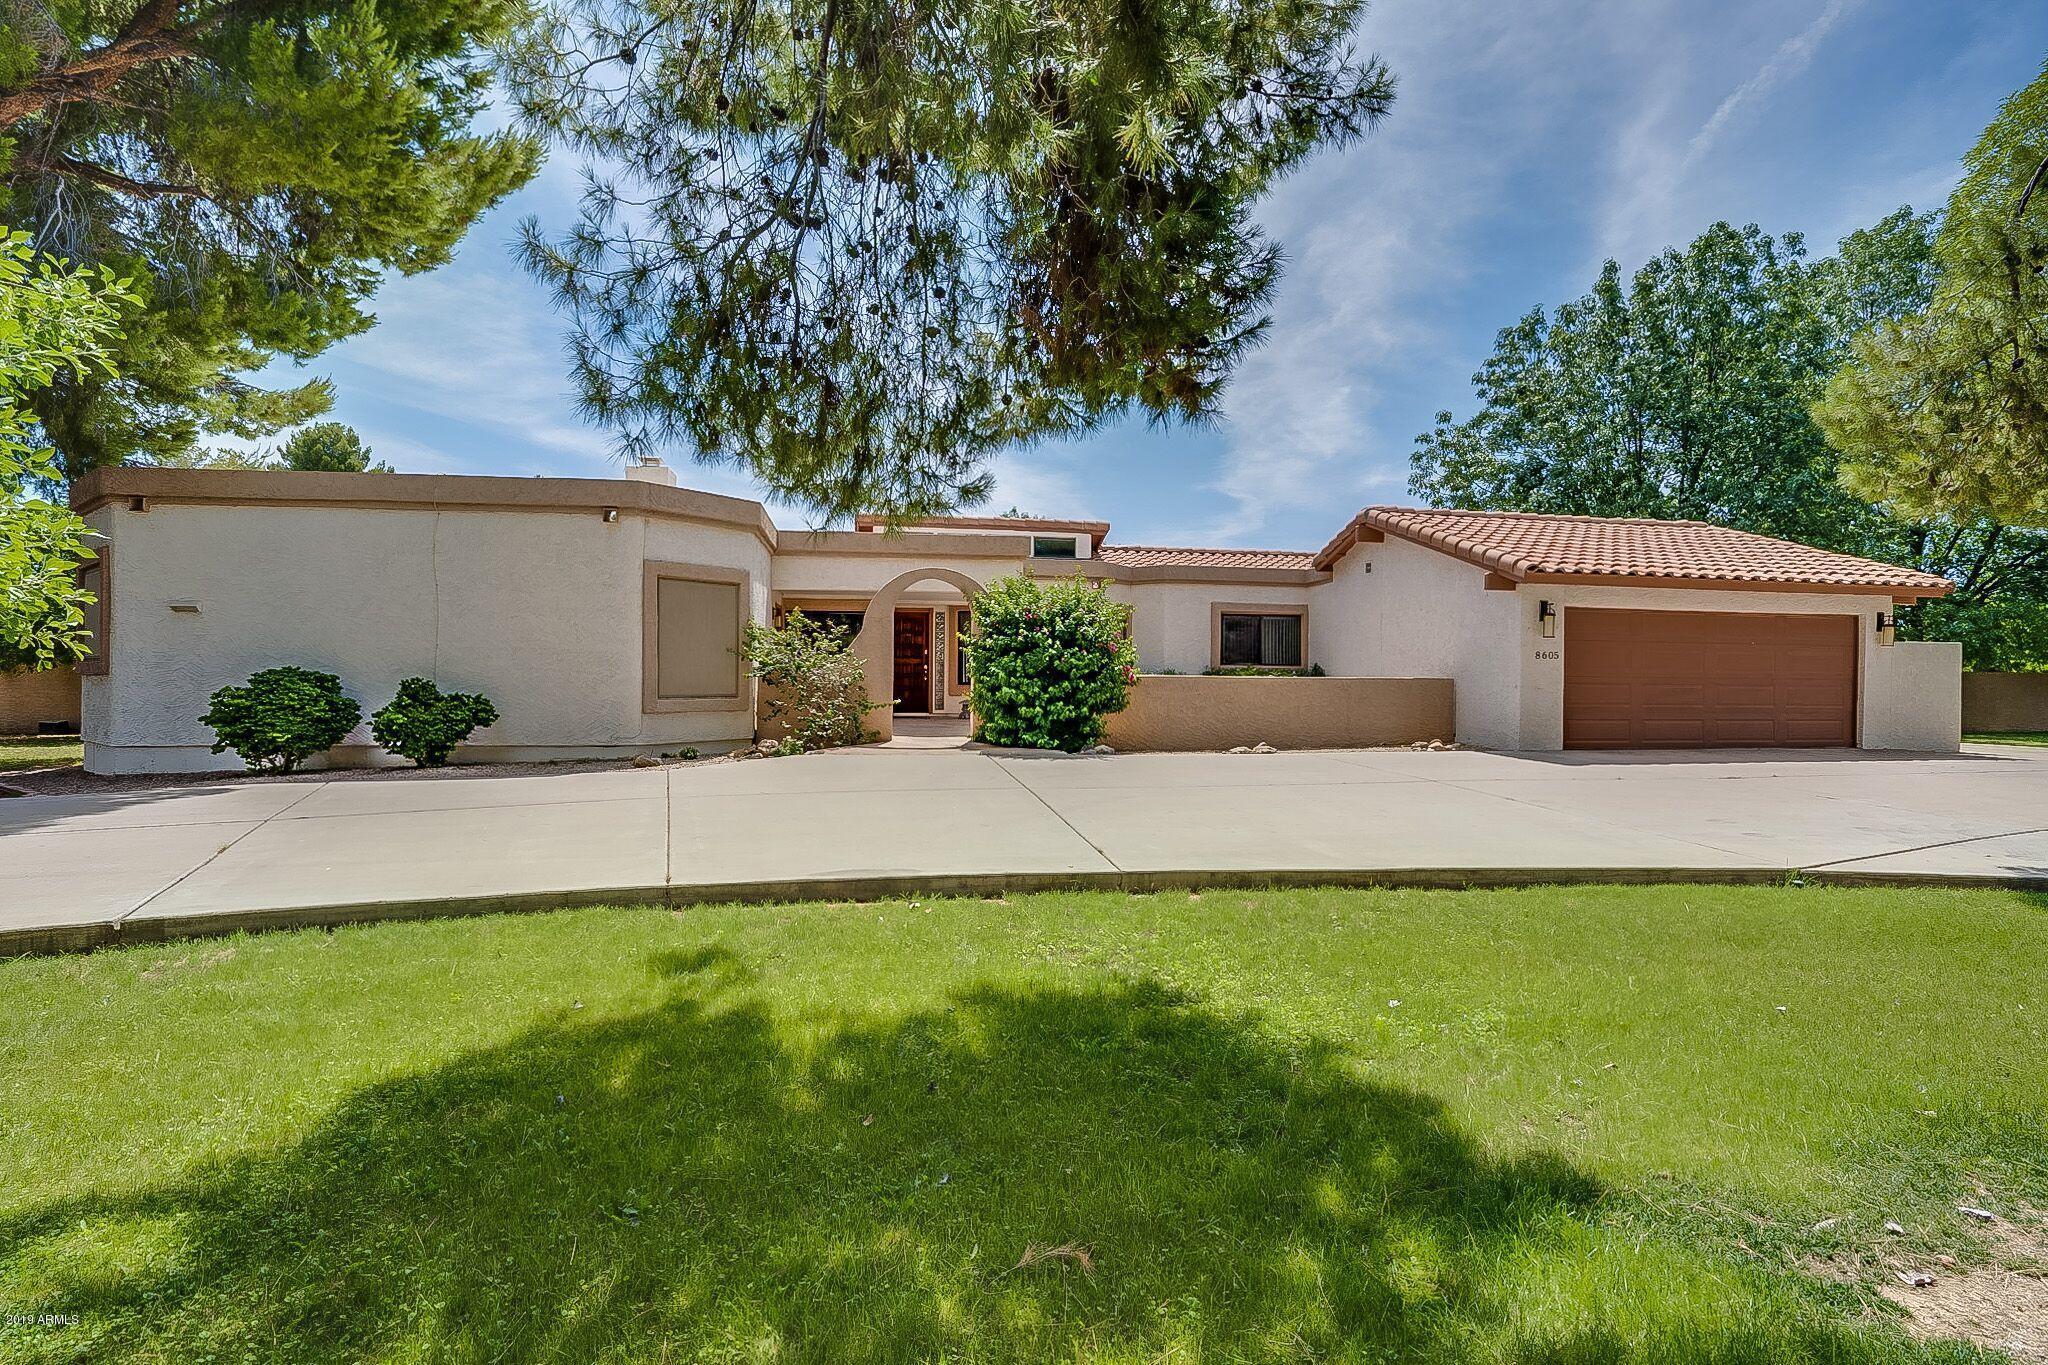 Photo of 8605 S STANLEY Place, Tempe, AZ 85284